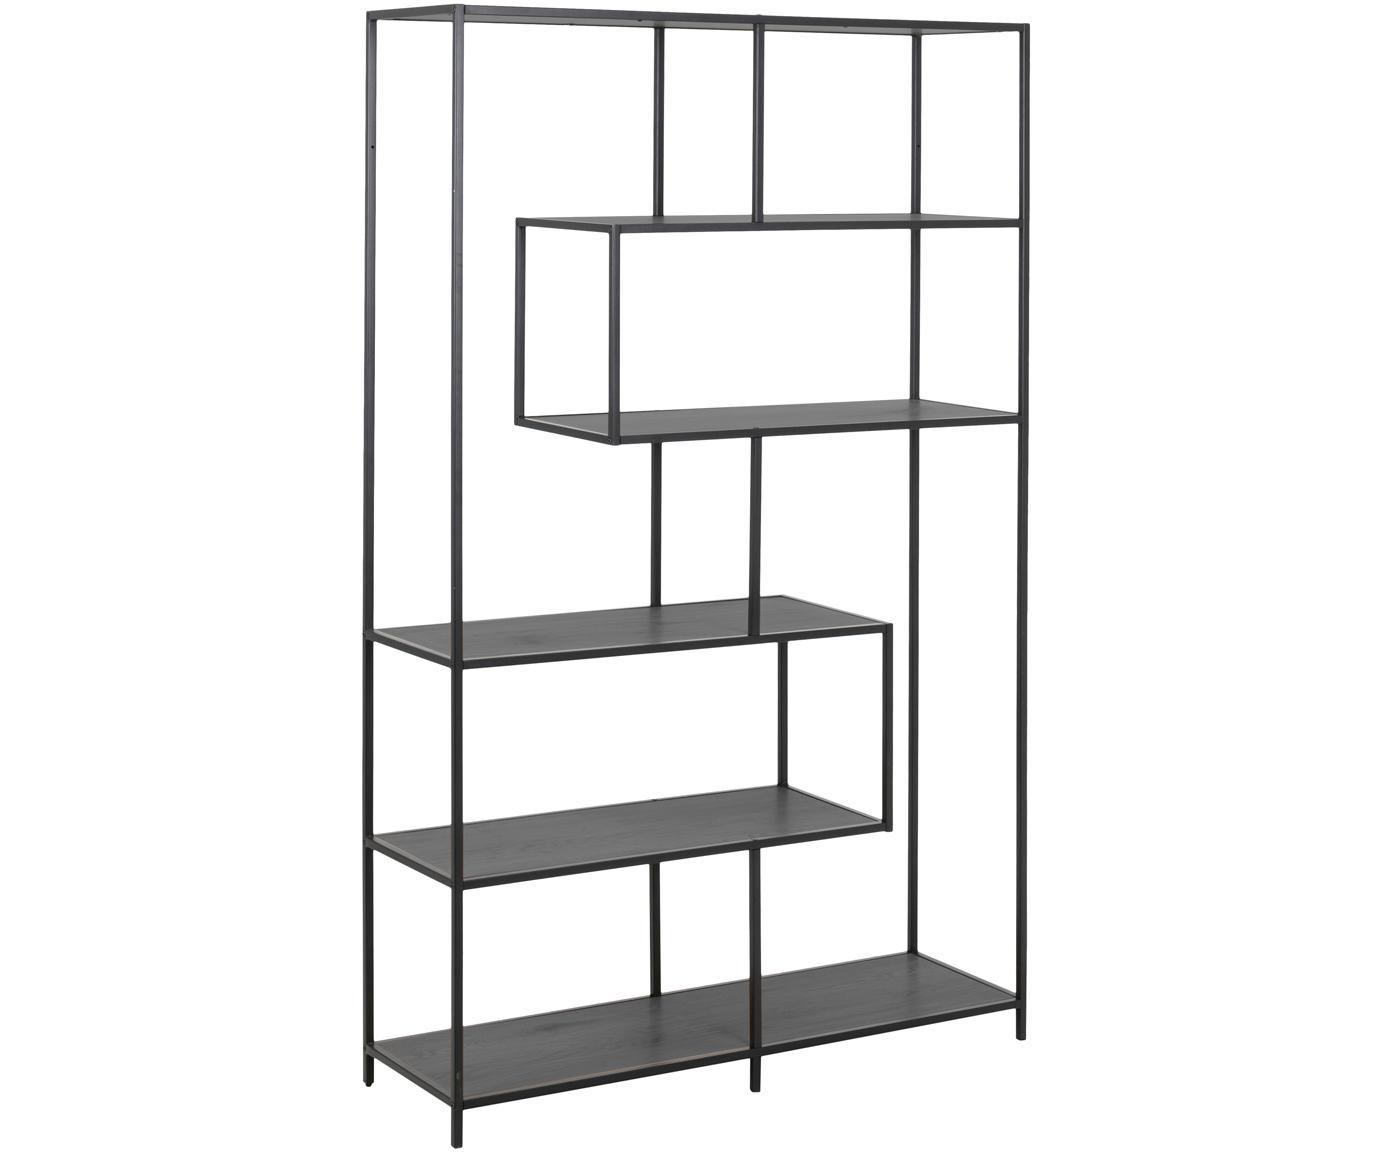 Libreria in legno e metallo Seaford Zig, Ripiani: pannello di fibra a media, Struttura: metallo verniciato a polv, Nero, Larg. 114 x Alt. 185 cm